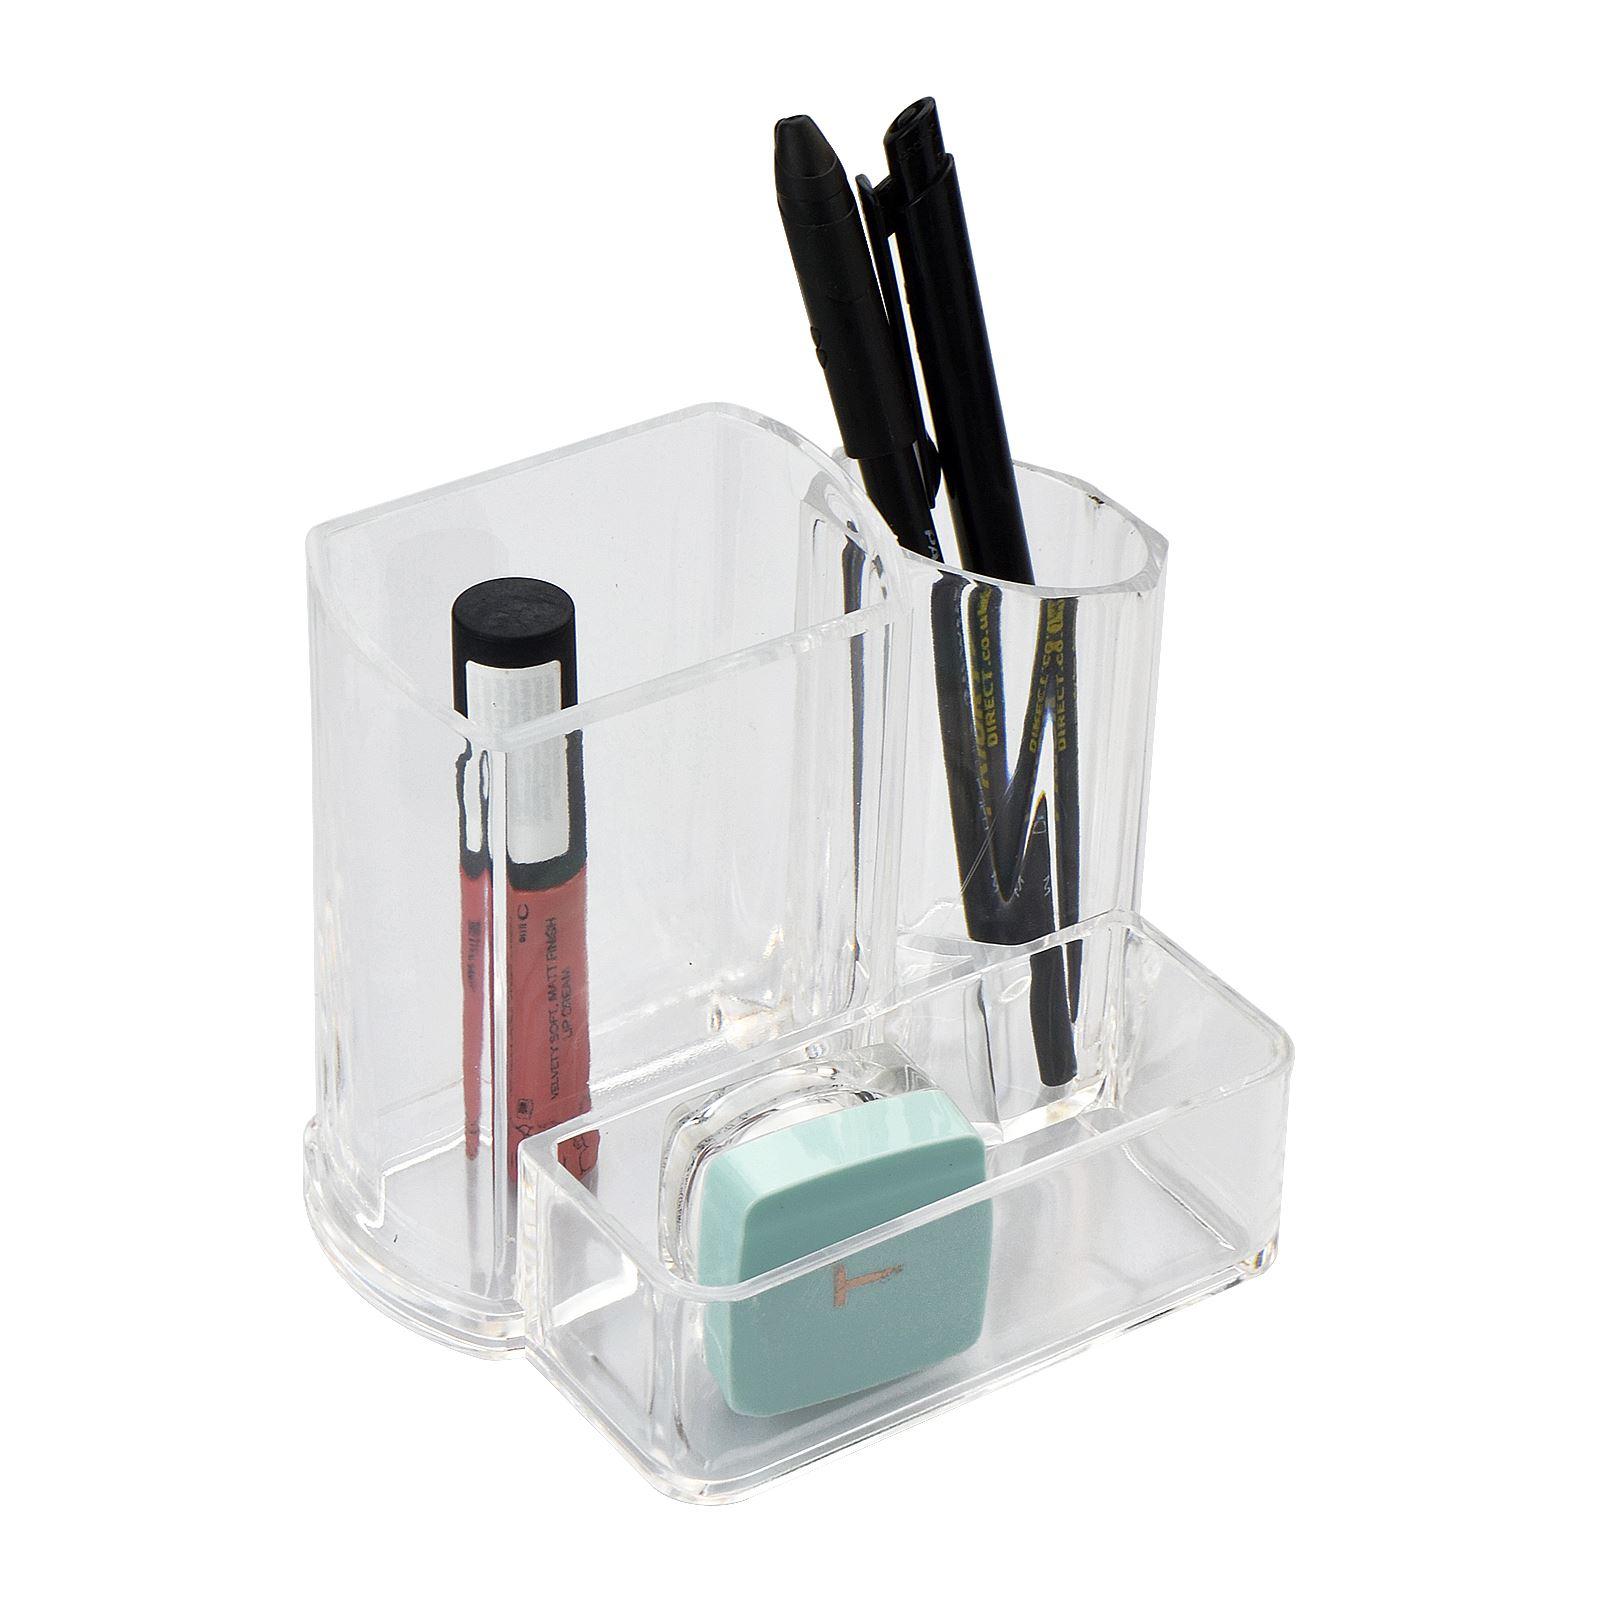 Cosmetic Organizer Jewelry Storage Clear Acrylic Makeup